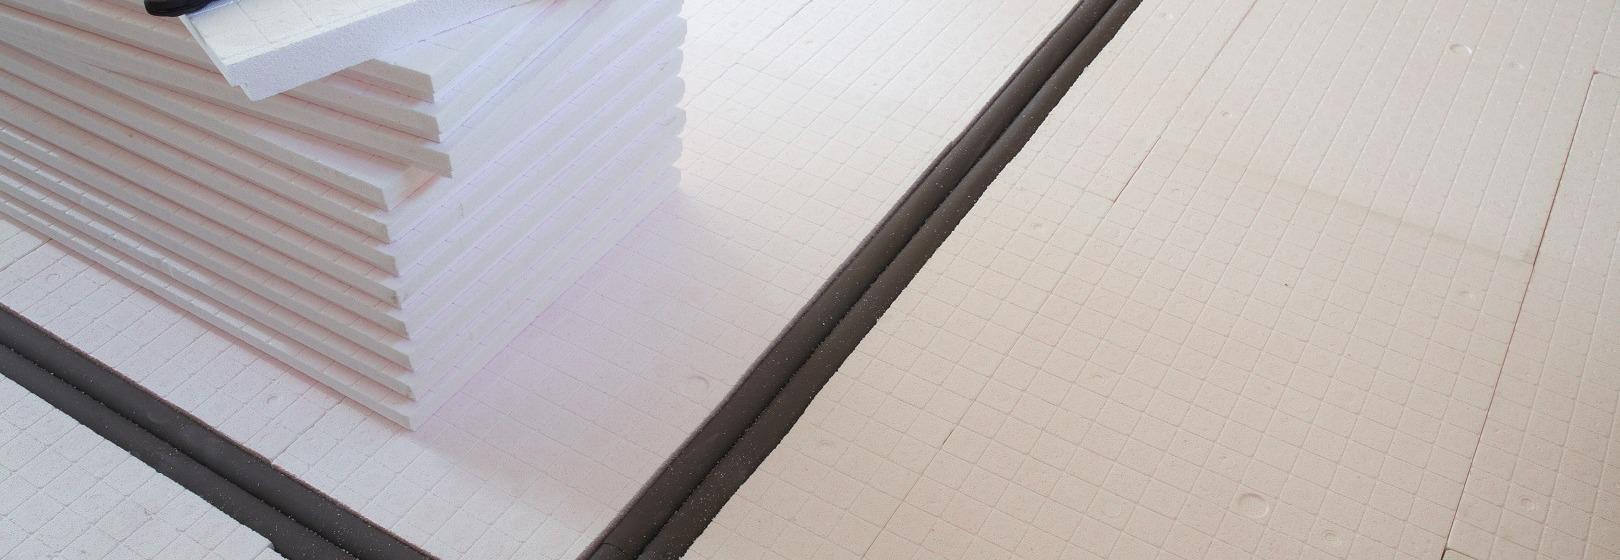 Ocieplenie podłogi na gruncie